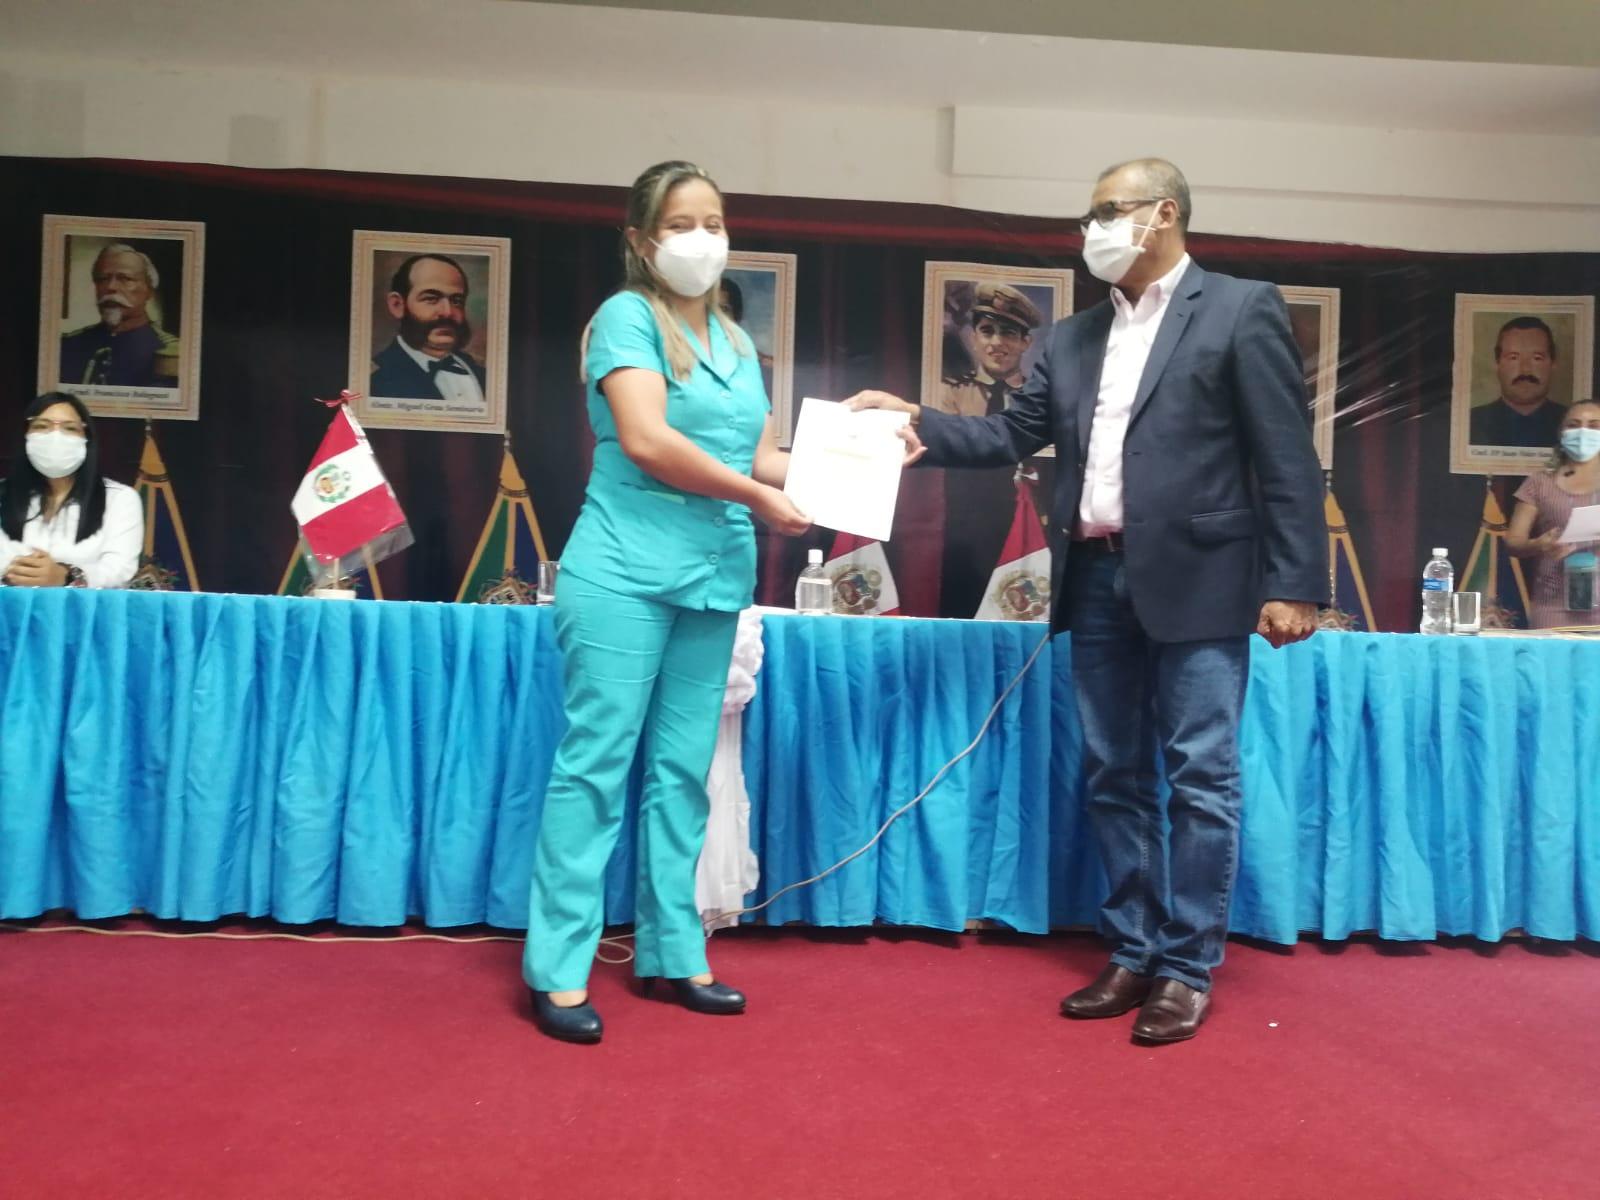 Gobierno Regional reconoce a profesionales de enfermería y obstetricia del área Covid-19 del hospital JAMO